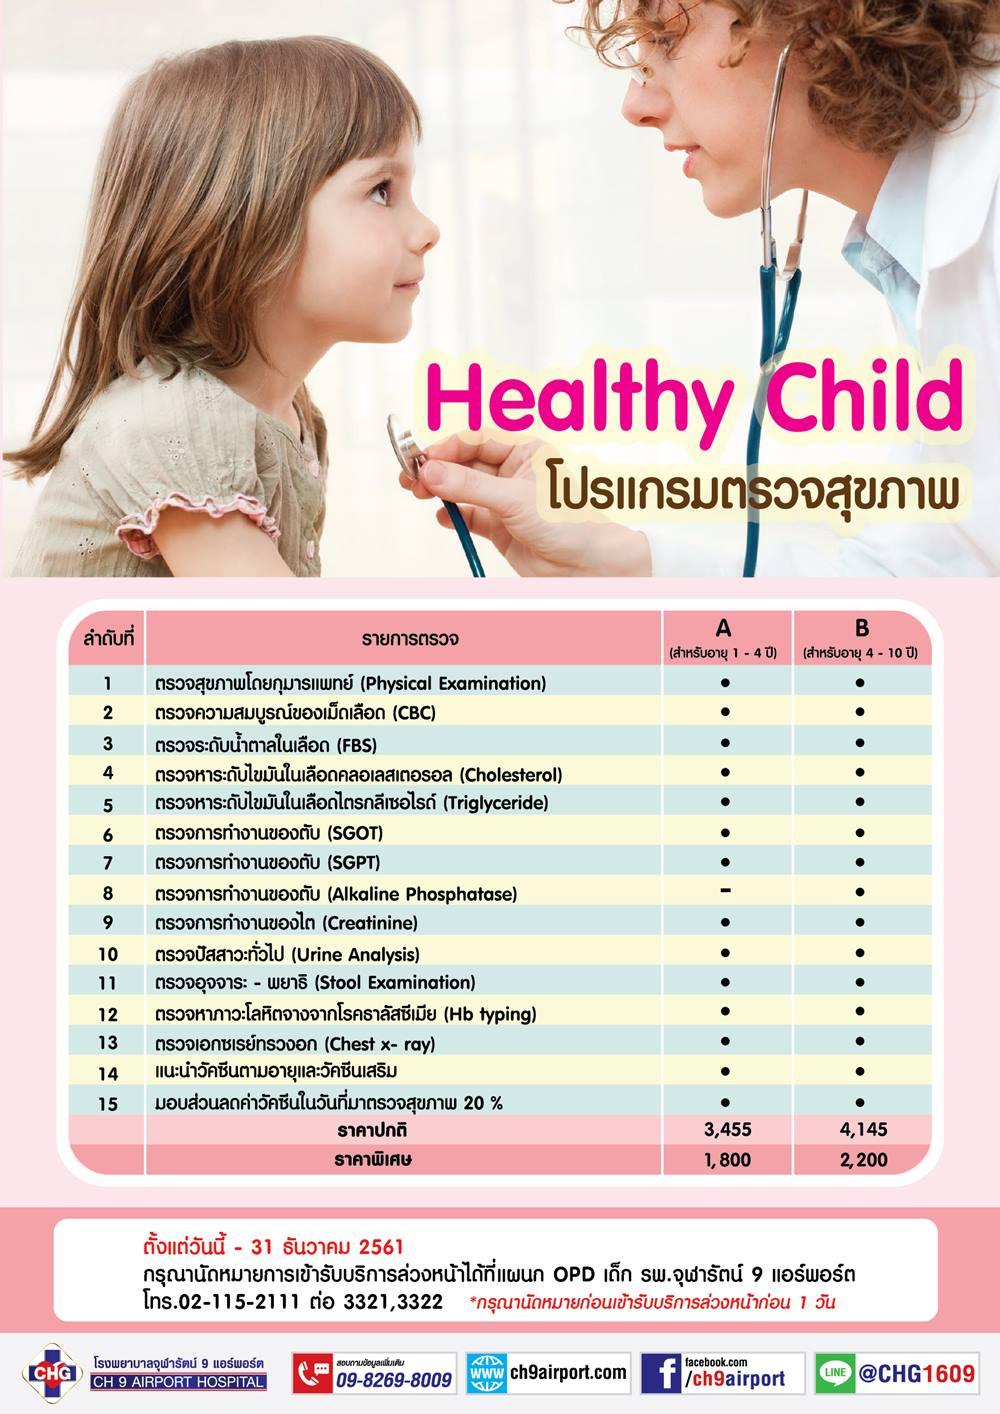 6103_0017_ตรวจสุขภาพเด็ก